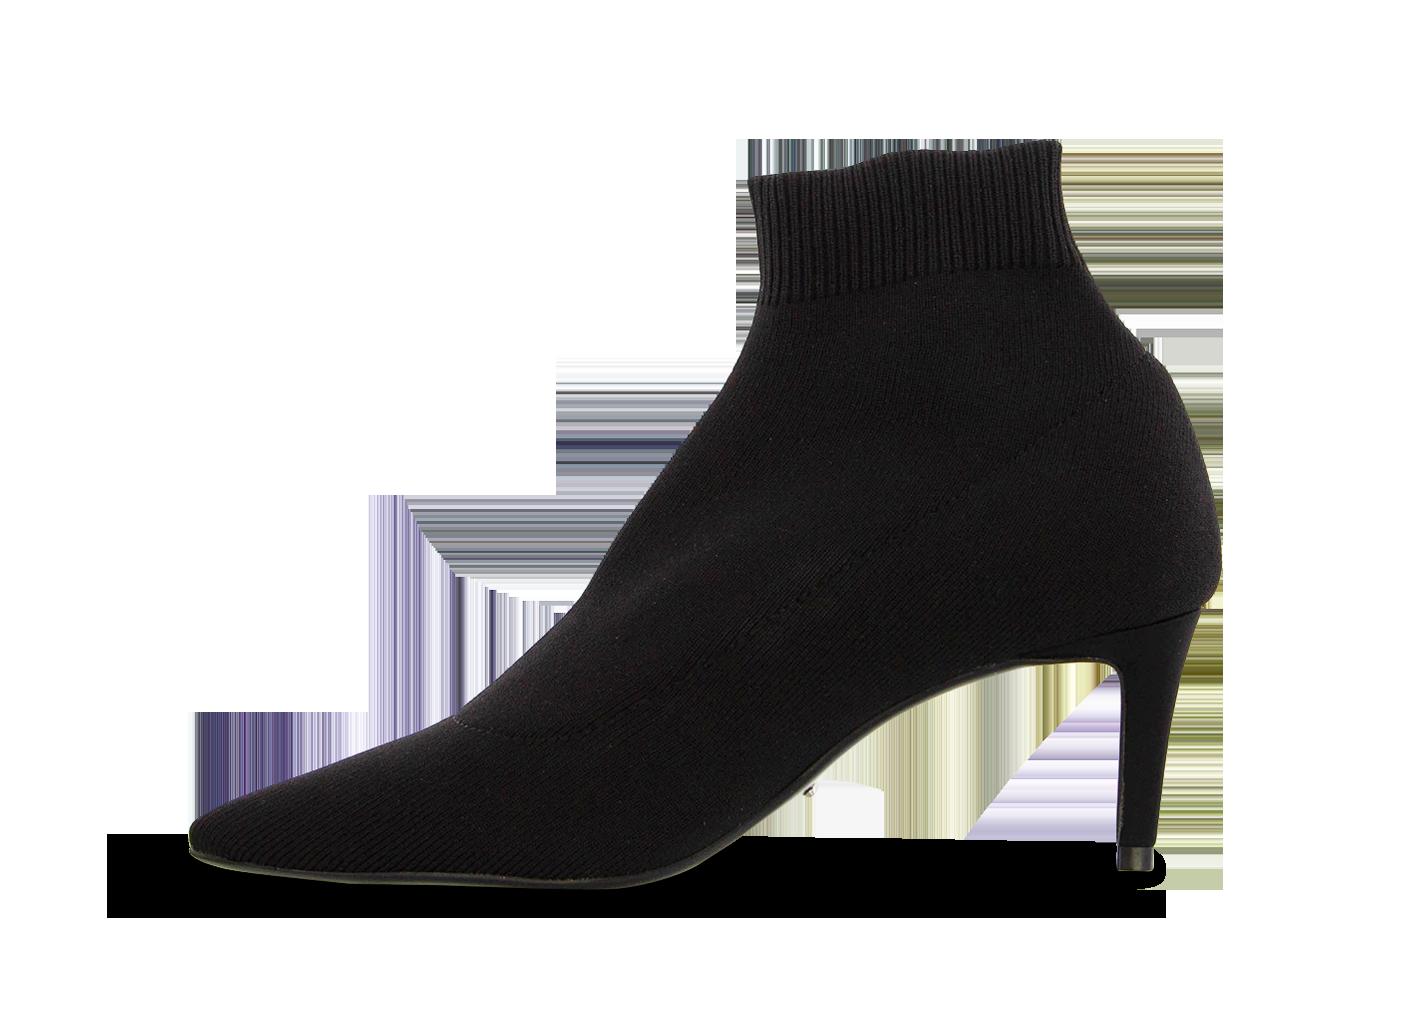 Gwen Black Sock Knit Ankle Boots Boots Black Socks Ankle Black Socks